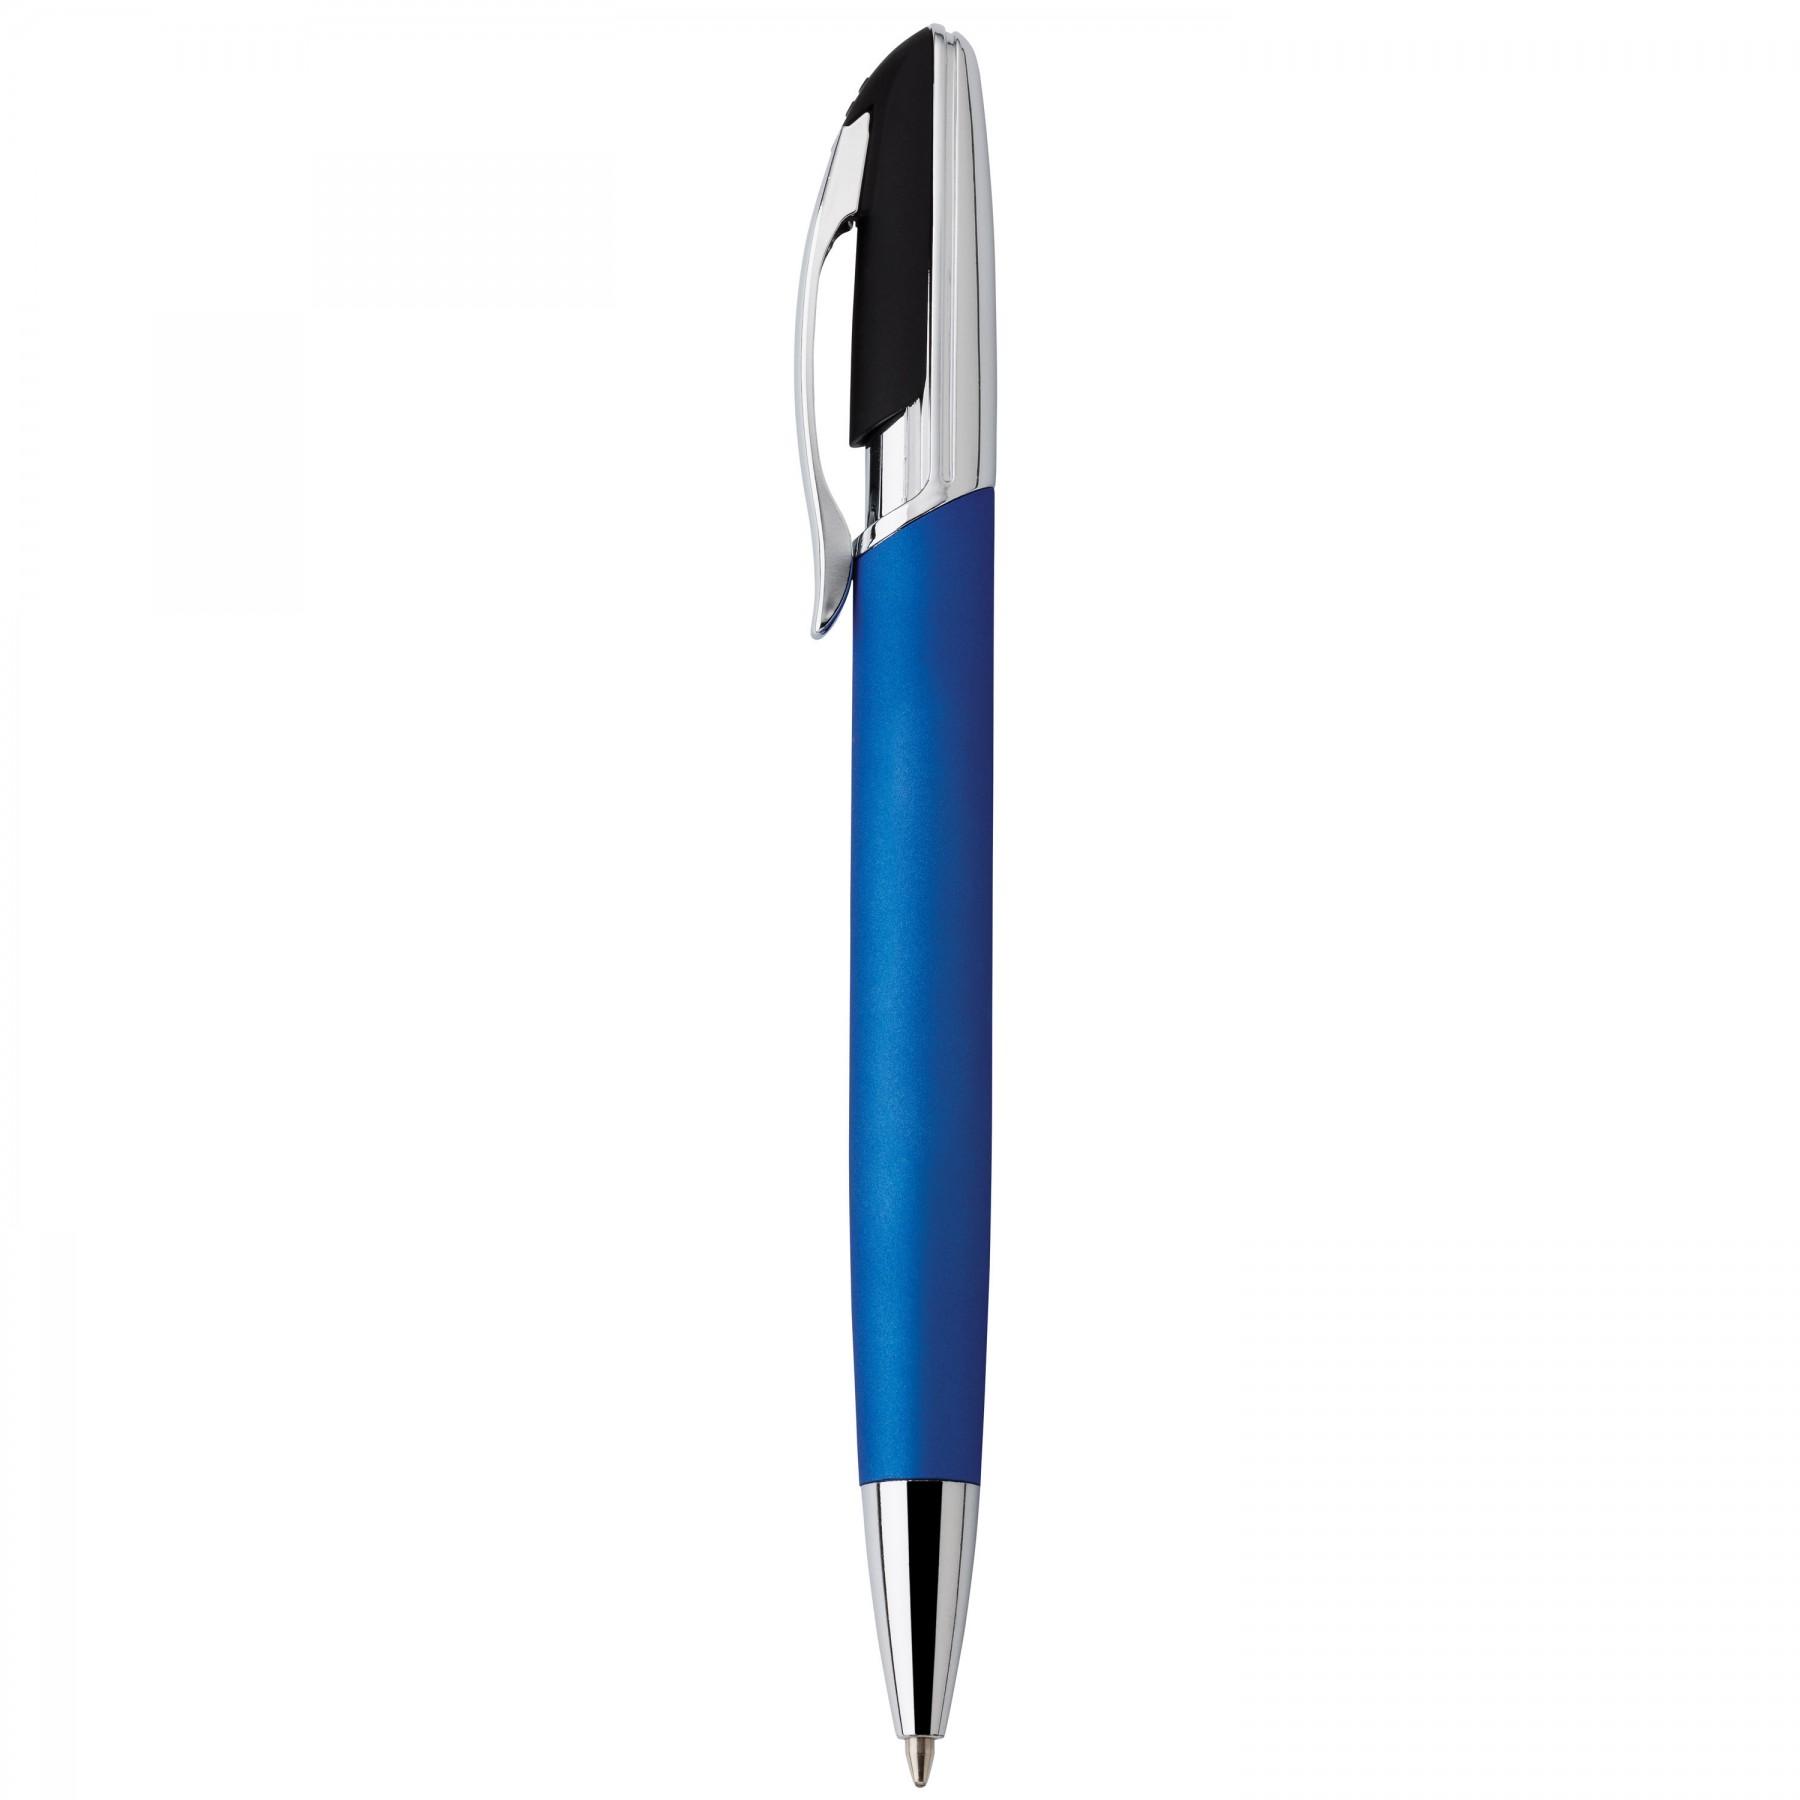 Bruno Ballpoint Pen, G3001, Laser Engraved